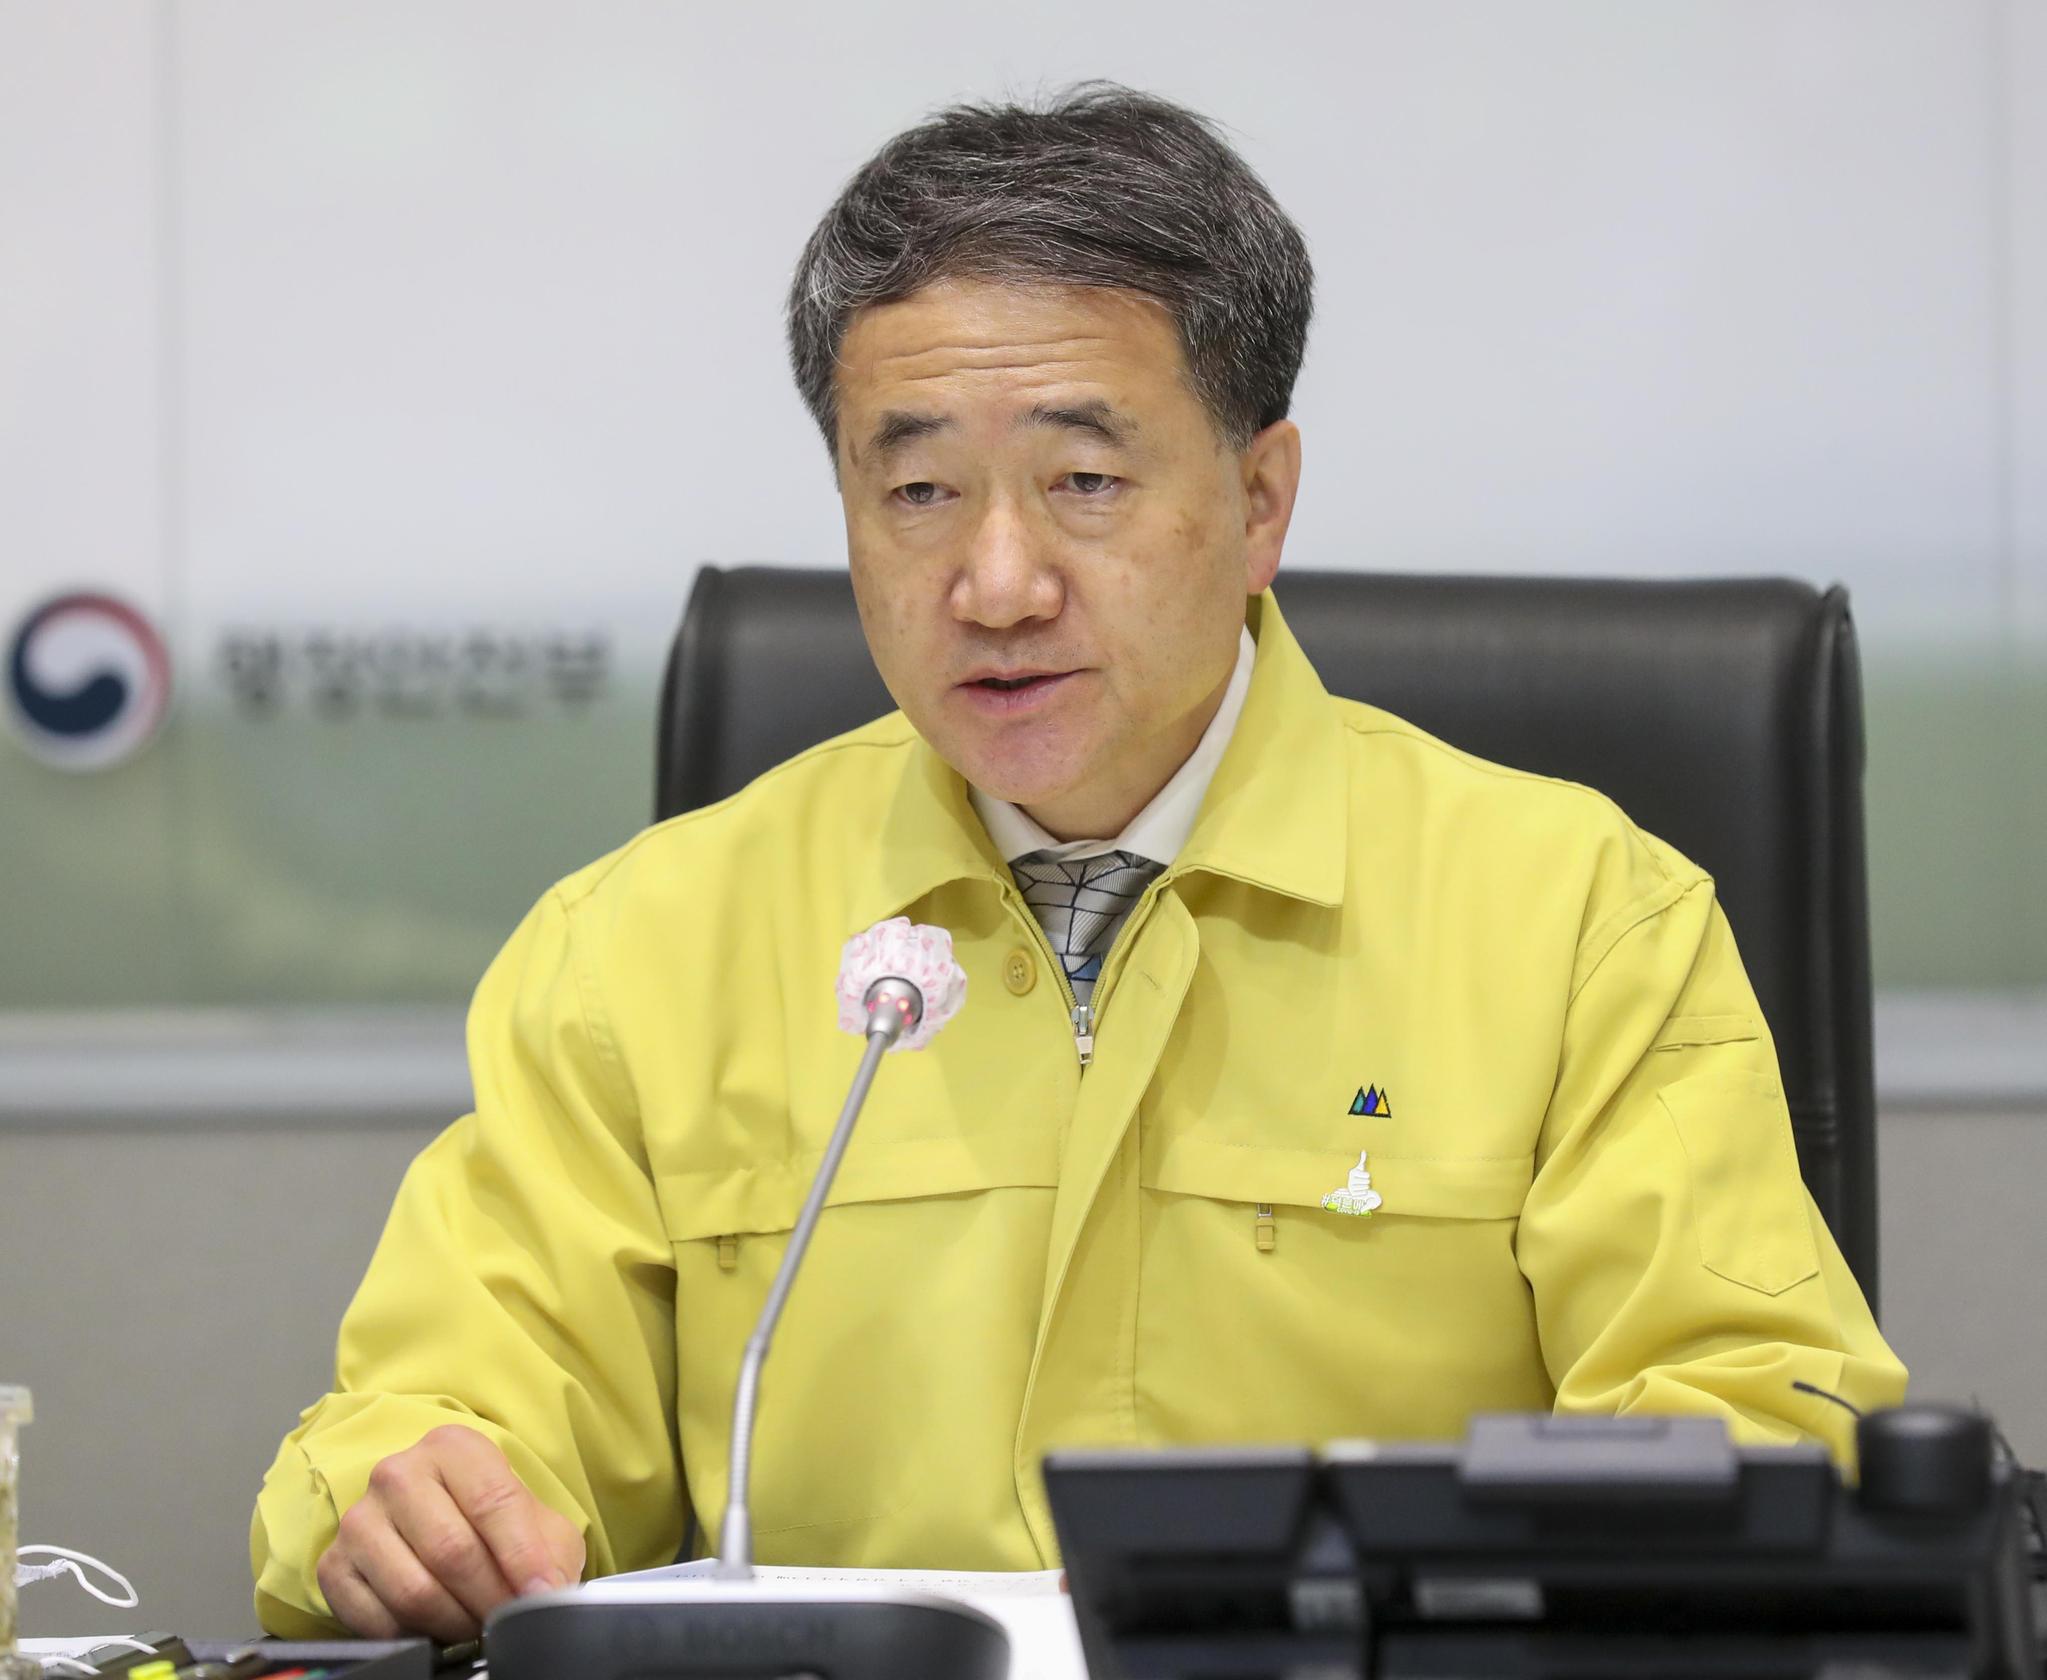 박능후 중앙재난안전대책본부 1차장(보건복지부 장관)이 25일 오전 서울 종로구 정부서울청사에서 열린 '코로나19 중앙재난안전대책본부회의'에 참석해 발언하고 있다. 뉴시스